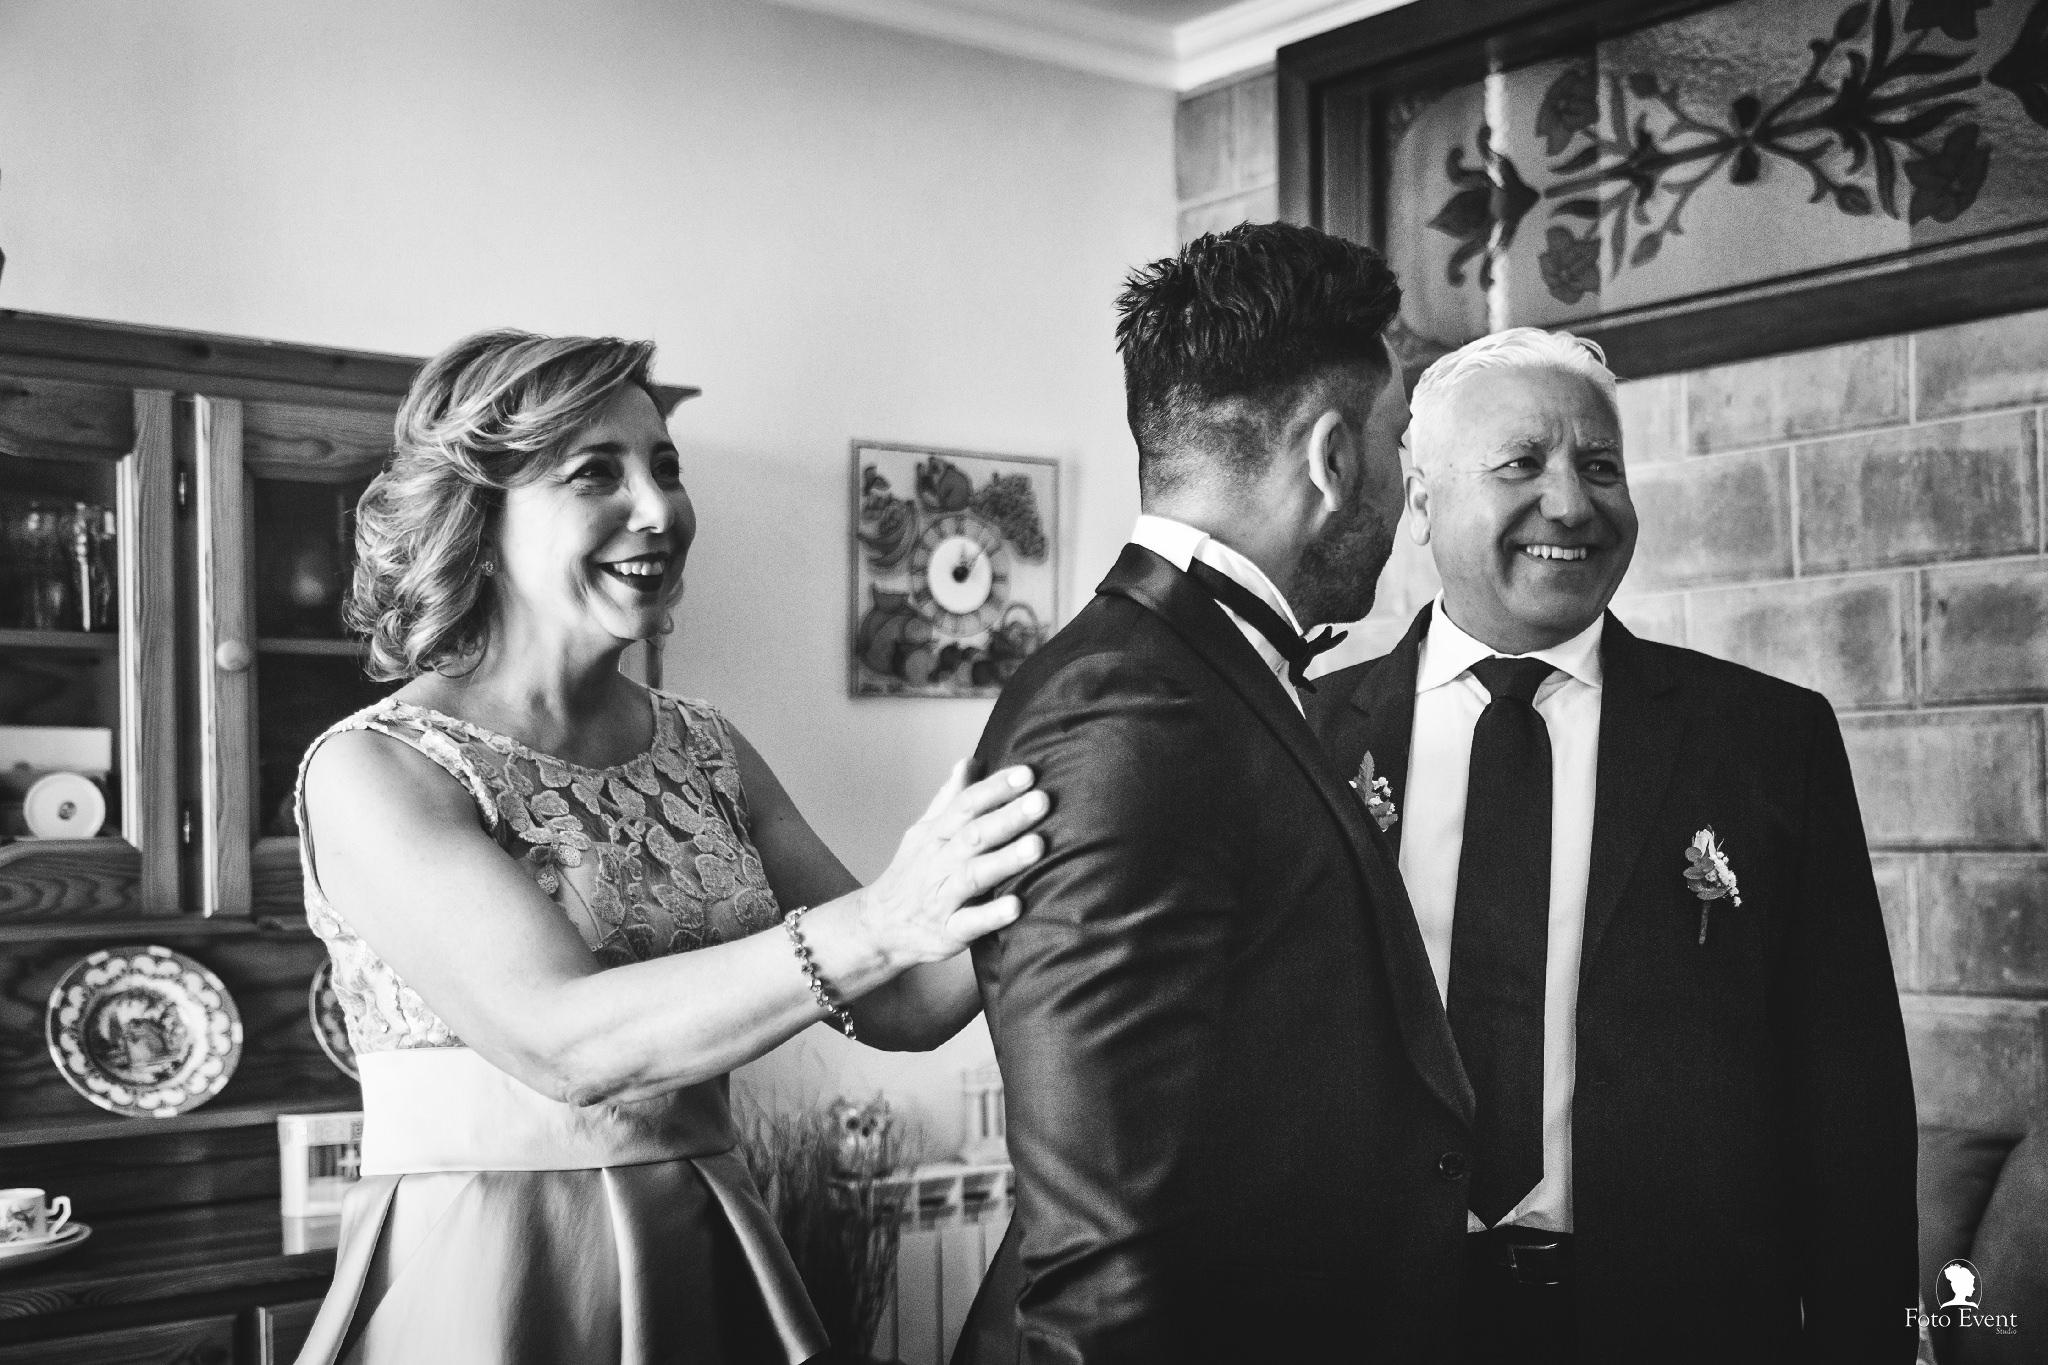 060-2019-05-09-Matrimonio-Maria-Concetta-e-Daniel-Gebbia-5DE-145-Edit